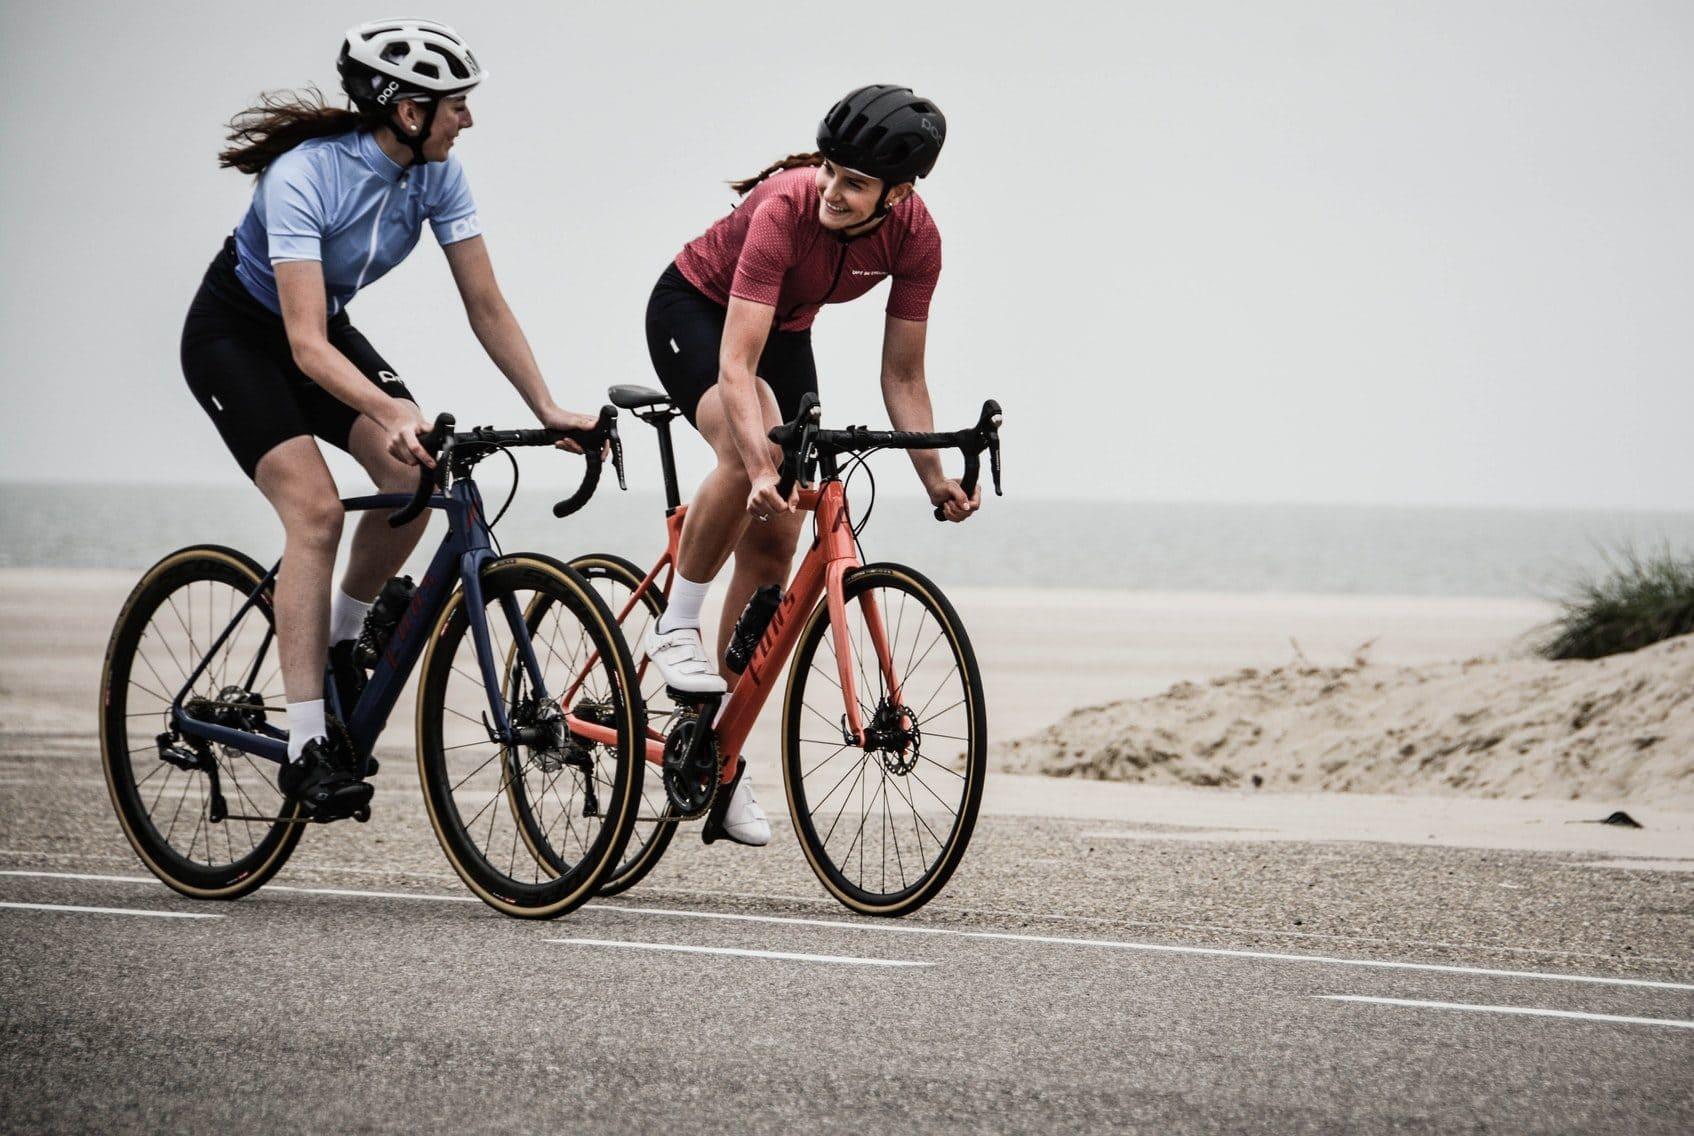 Twee fietsers op racefietsen, vooraanzicht